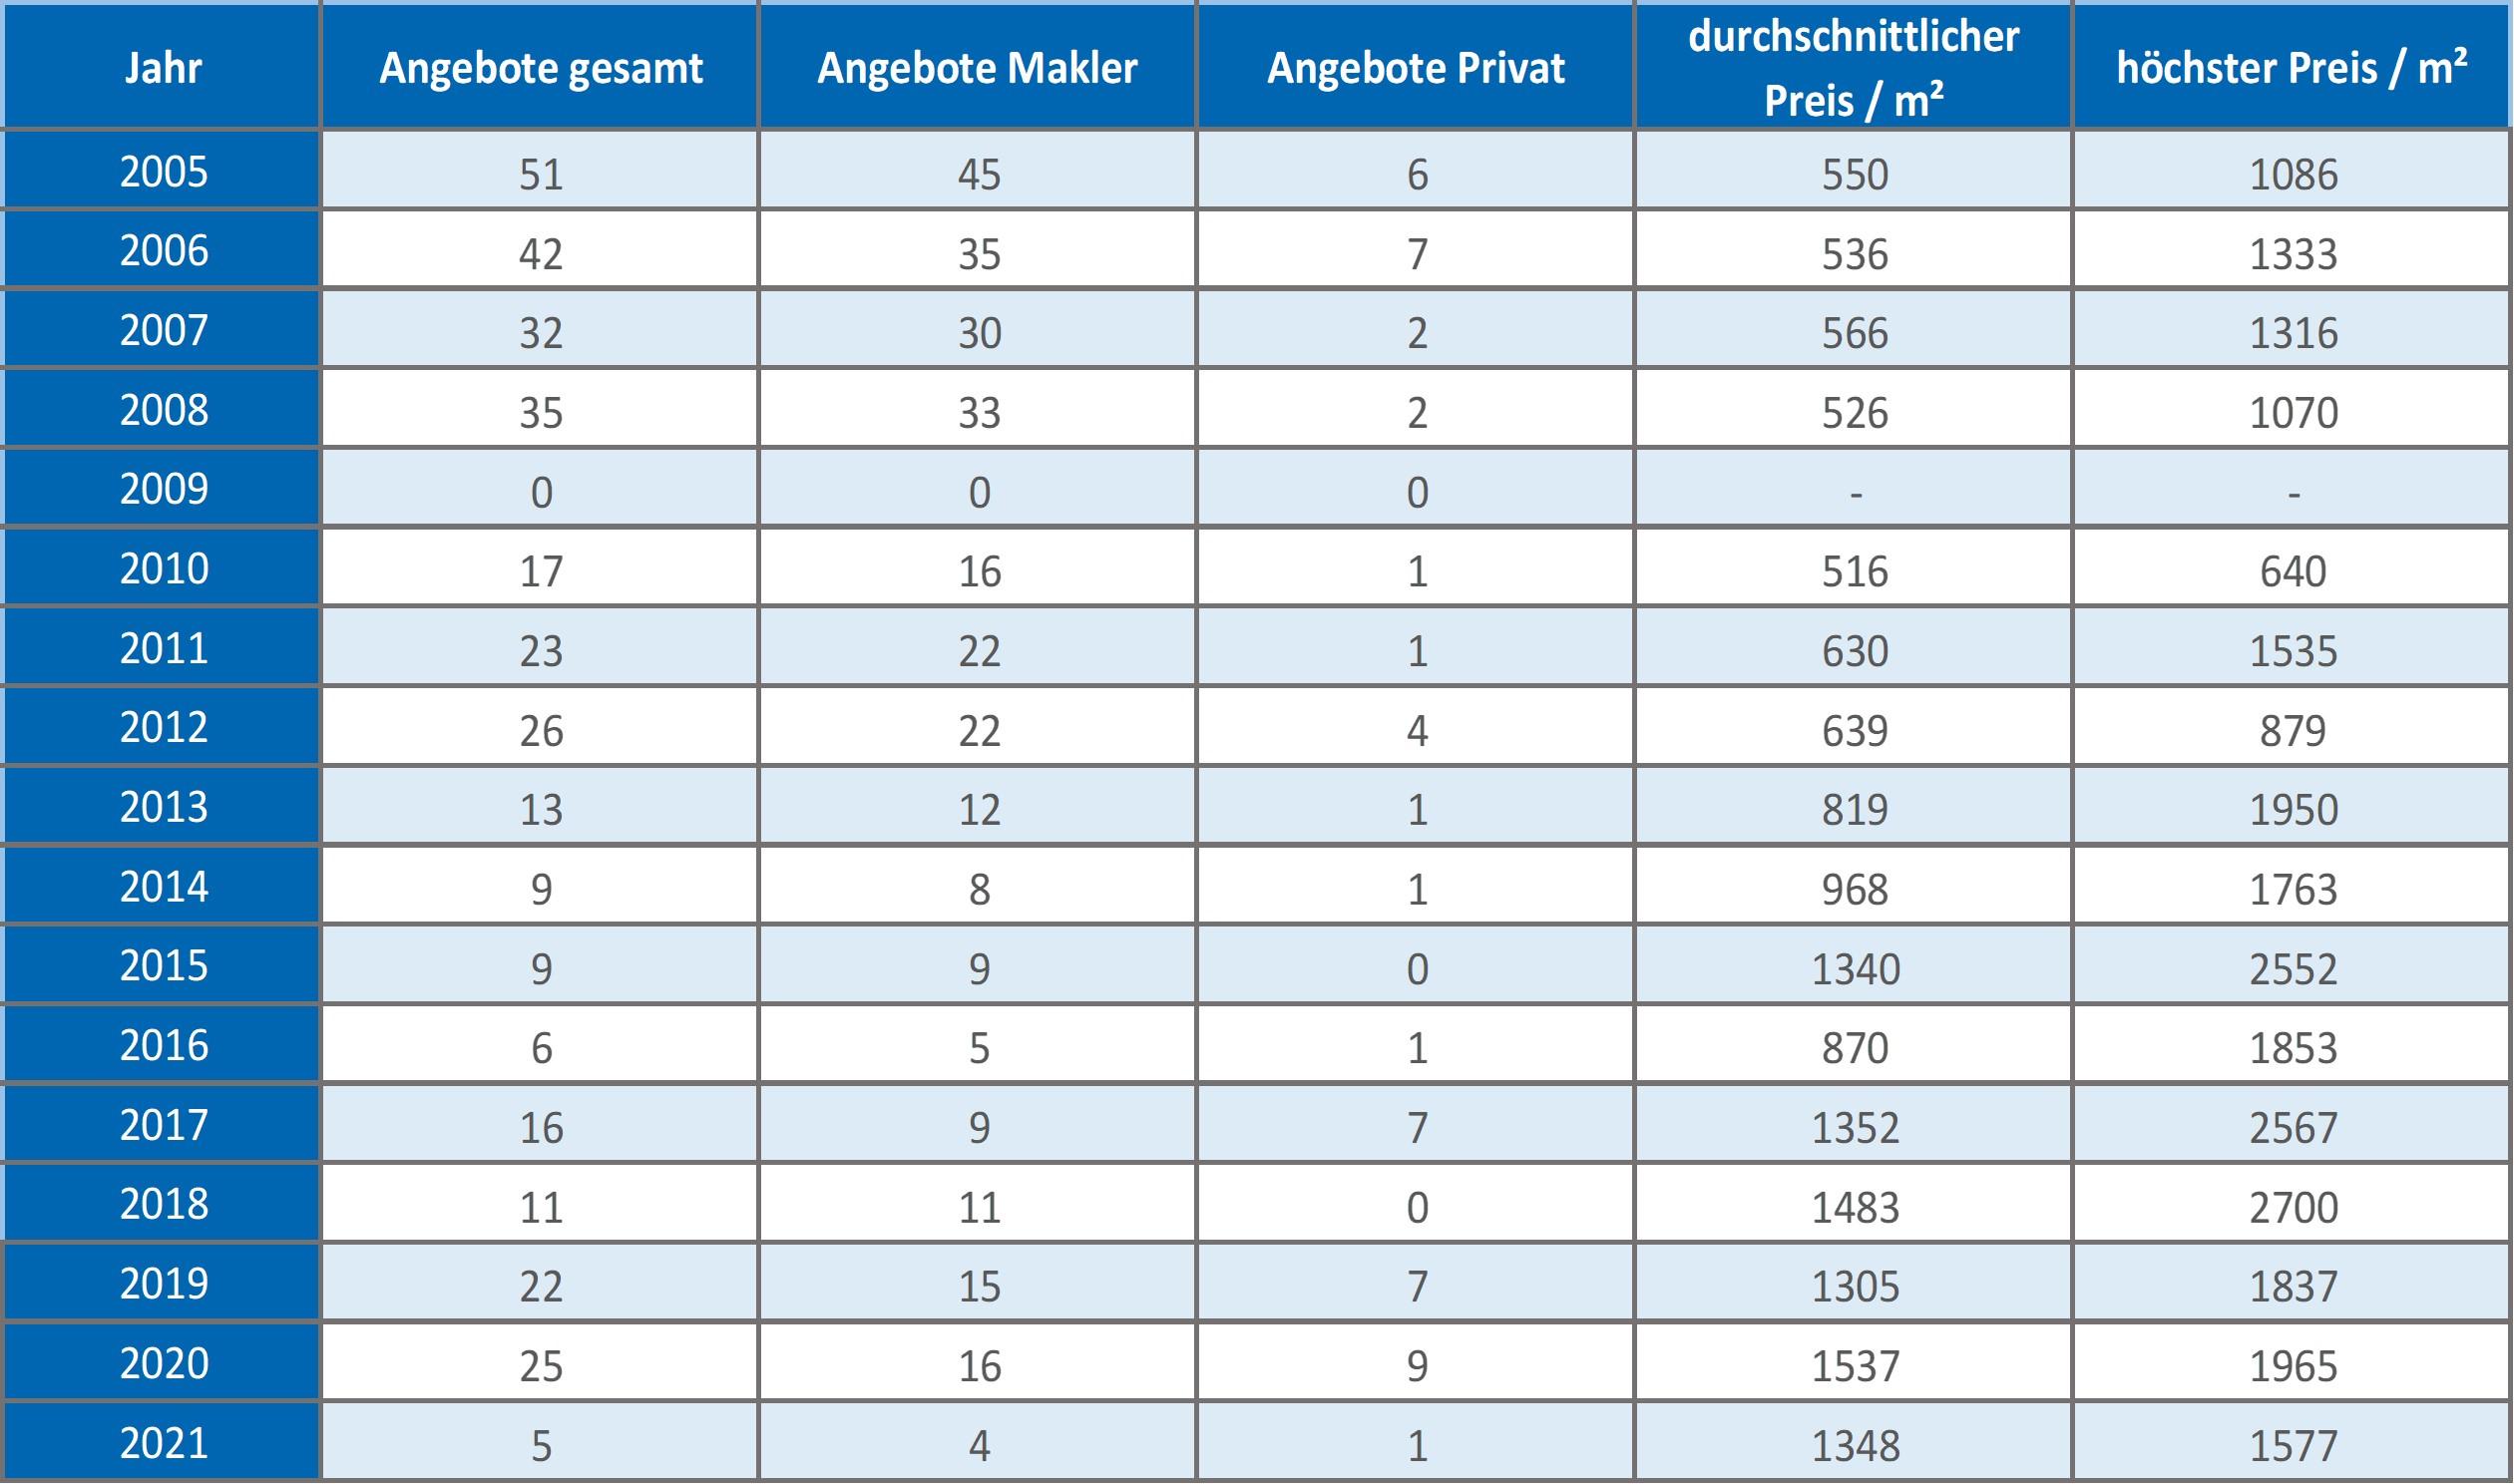 Wörthsee-Grundstück-kaufen-verkaufen-Makler 2019 2020 2021